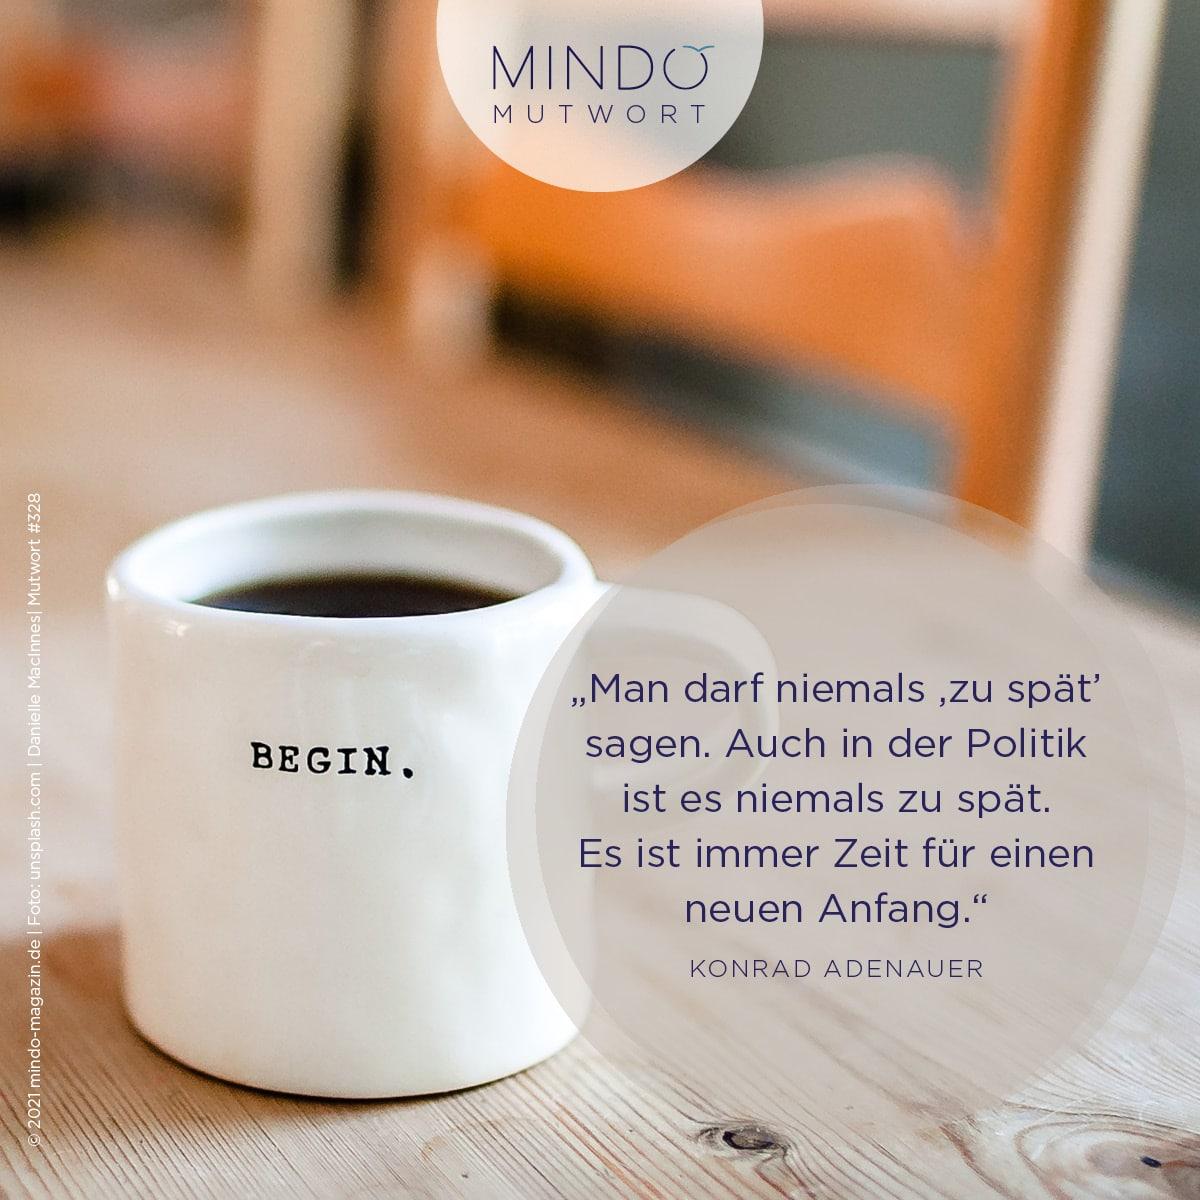 """Mutwort 328: """"Man darf niemals ,zu spät' sagen. Auch in der Politik ist es niemals zu spät. Es ist immer Zeit für einen neuen Anfang."""" – Konrad Adenauer"""